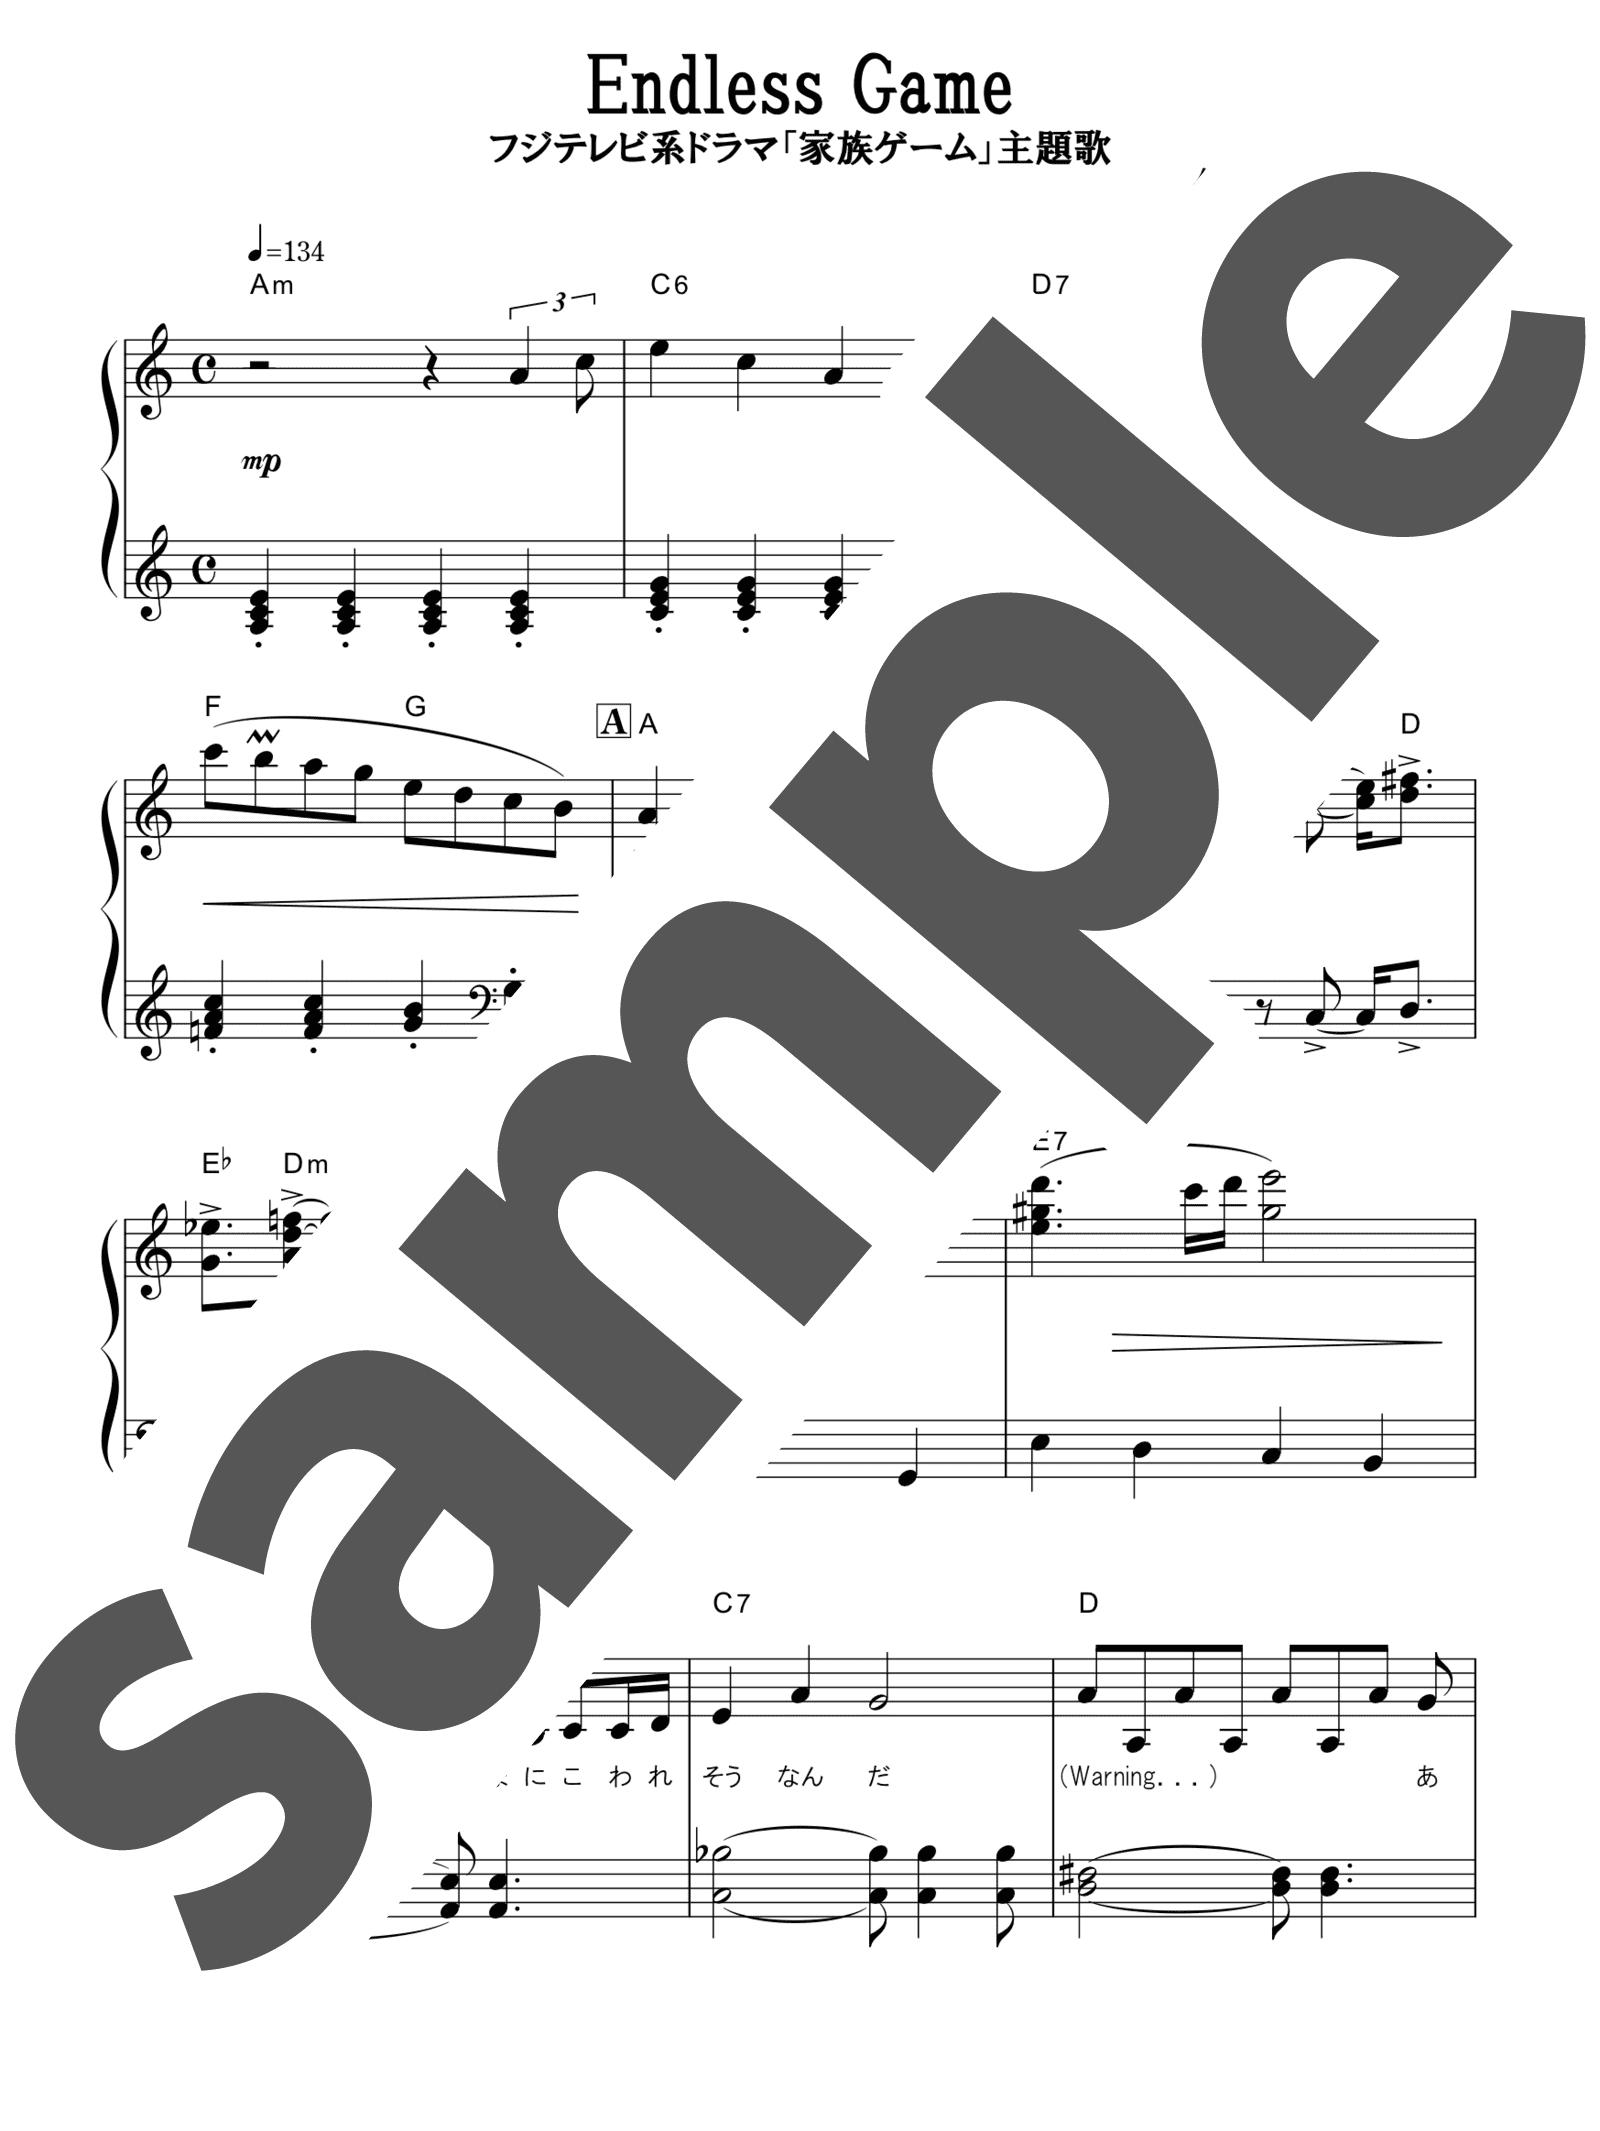 「Endless Game」のサンプル楽譜